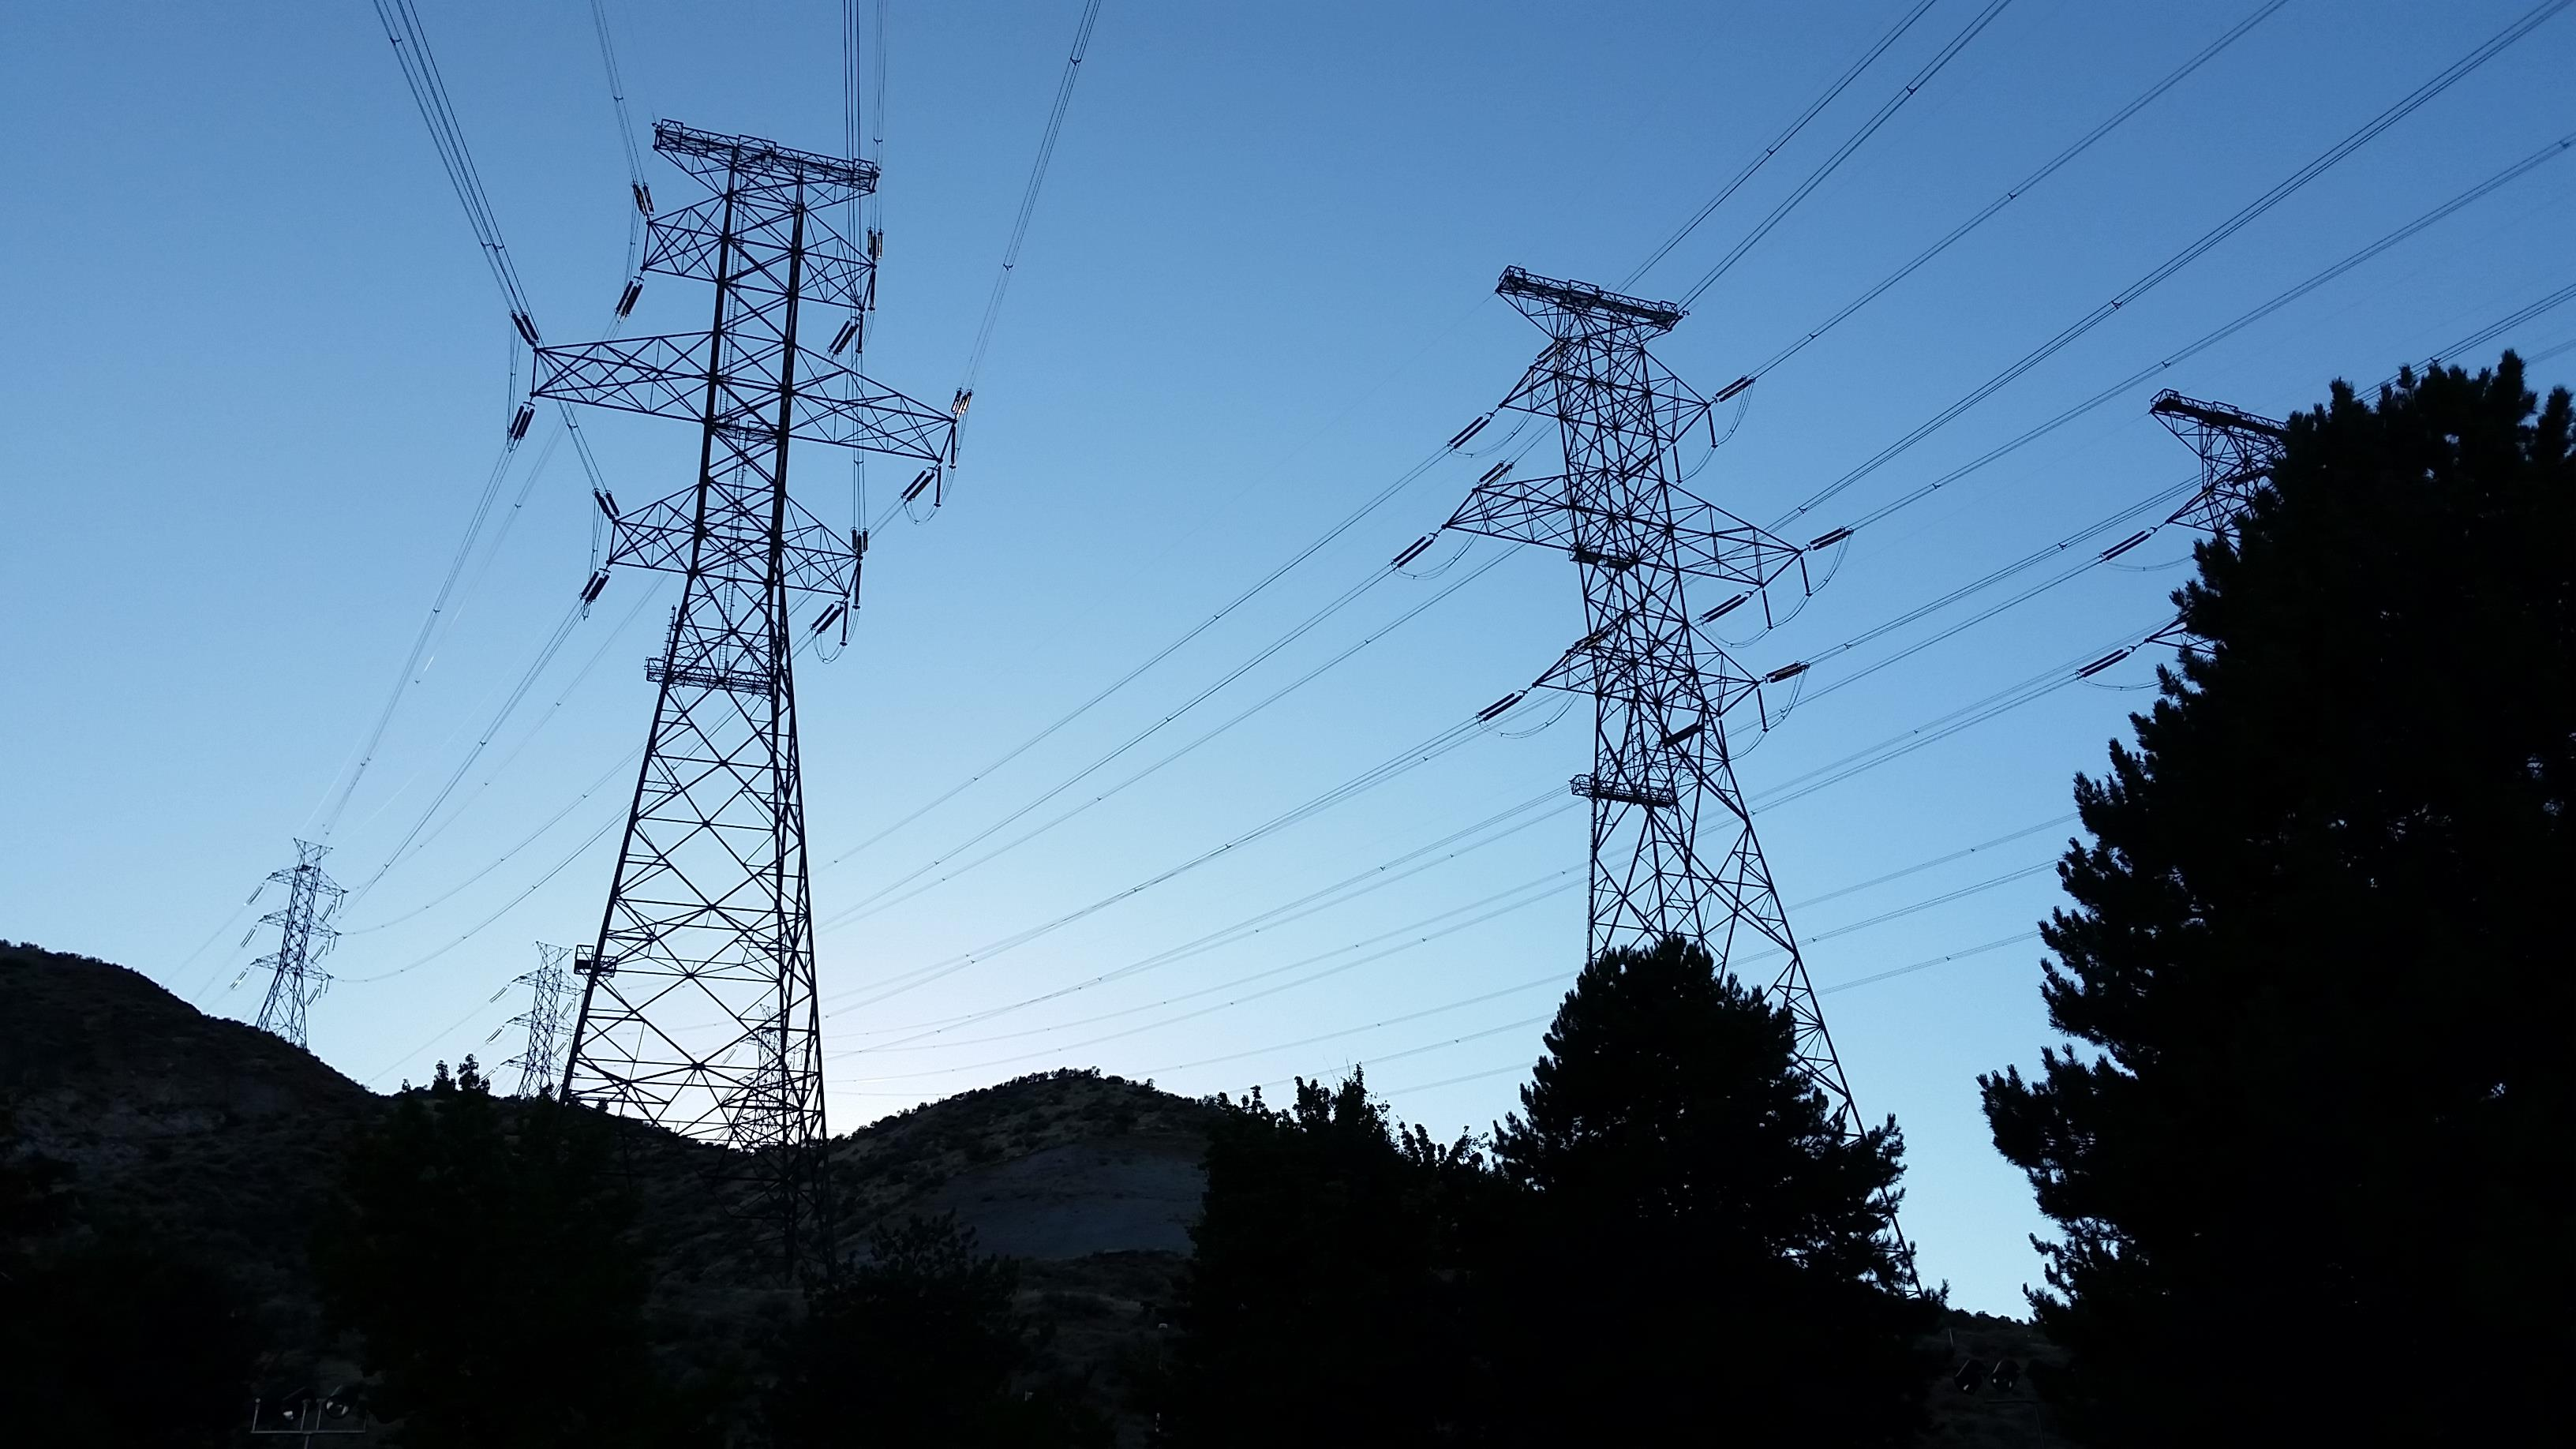 尼日利亚输配电系统升级获非开行2.1亿美元贷款